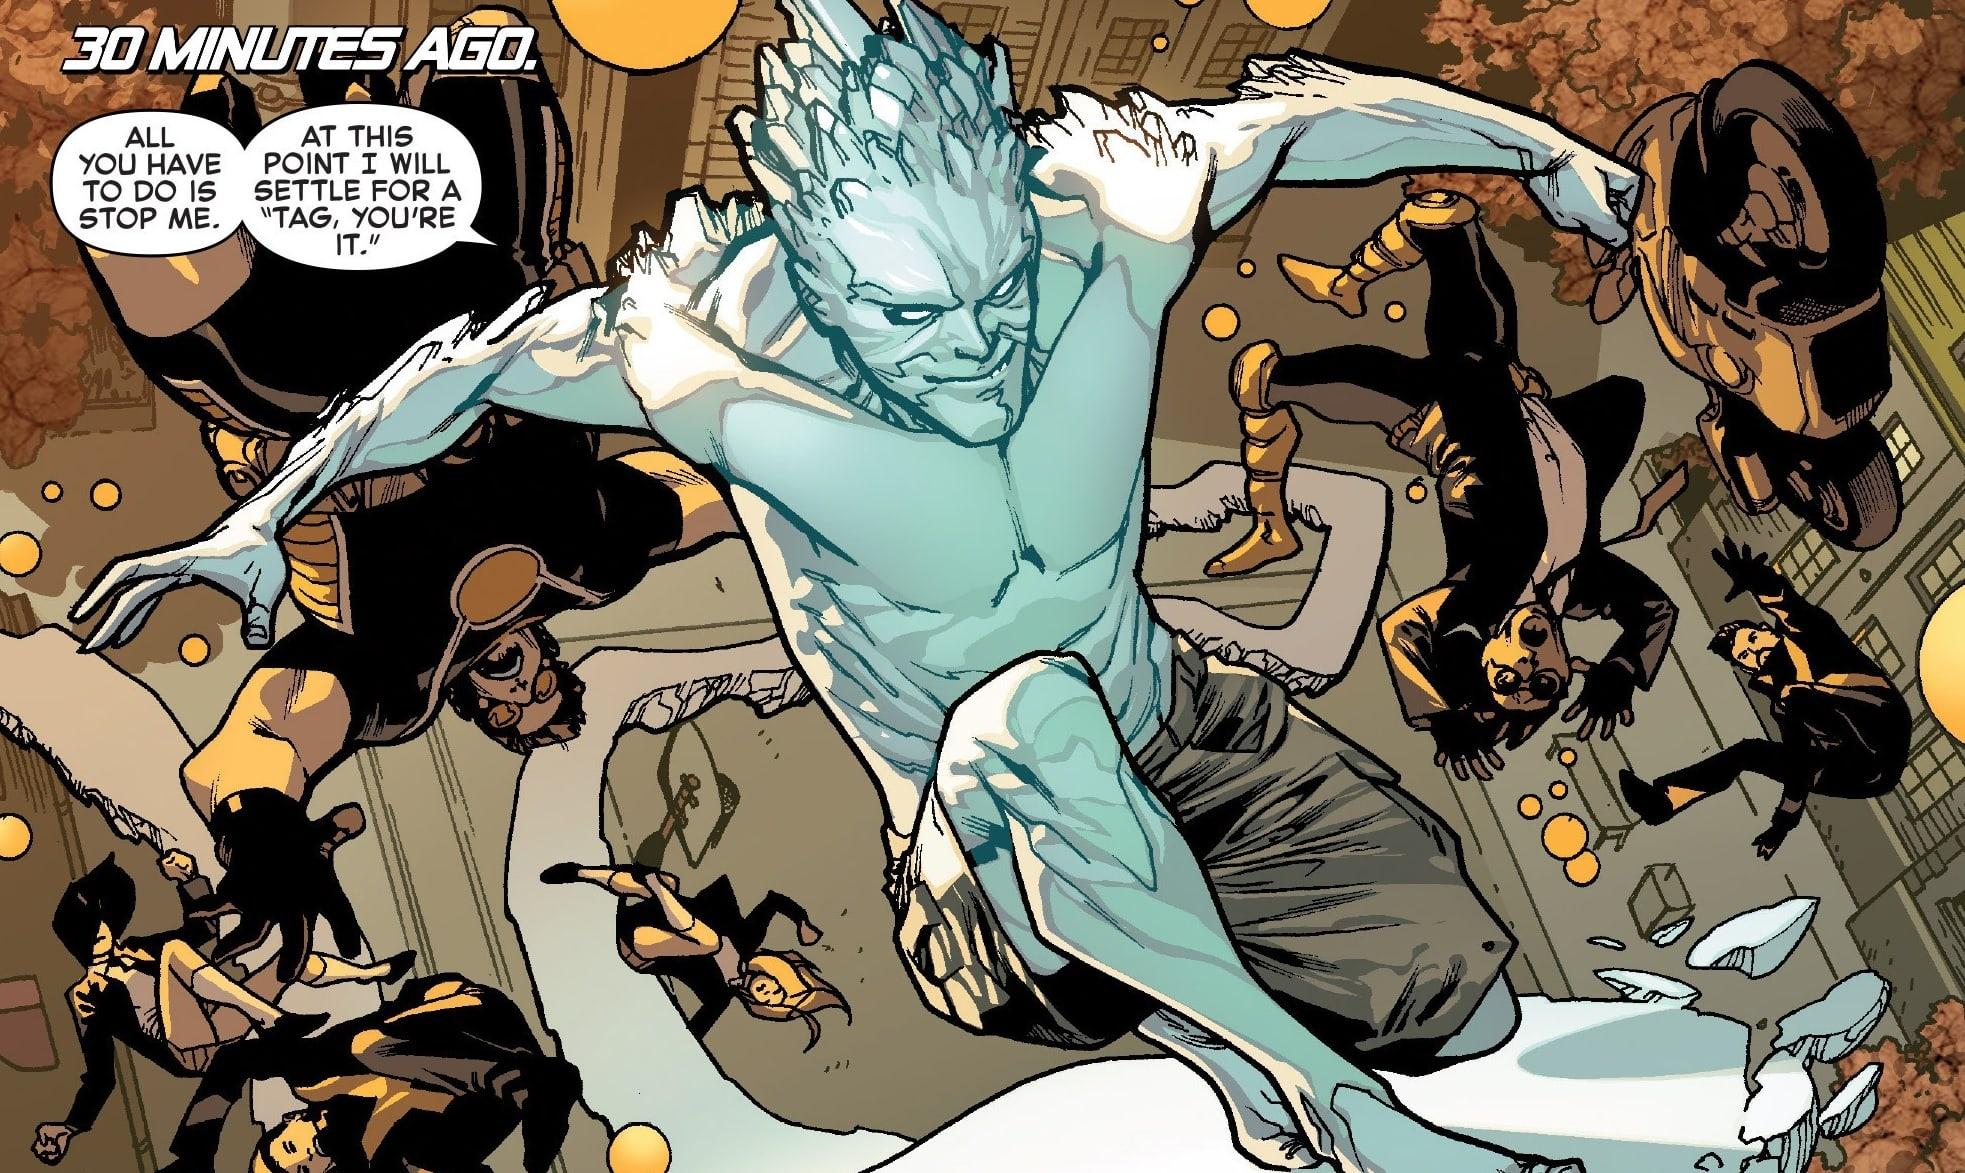 Uncanny-X-Men-2013-600-013-min